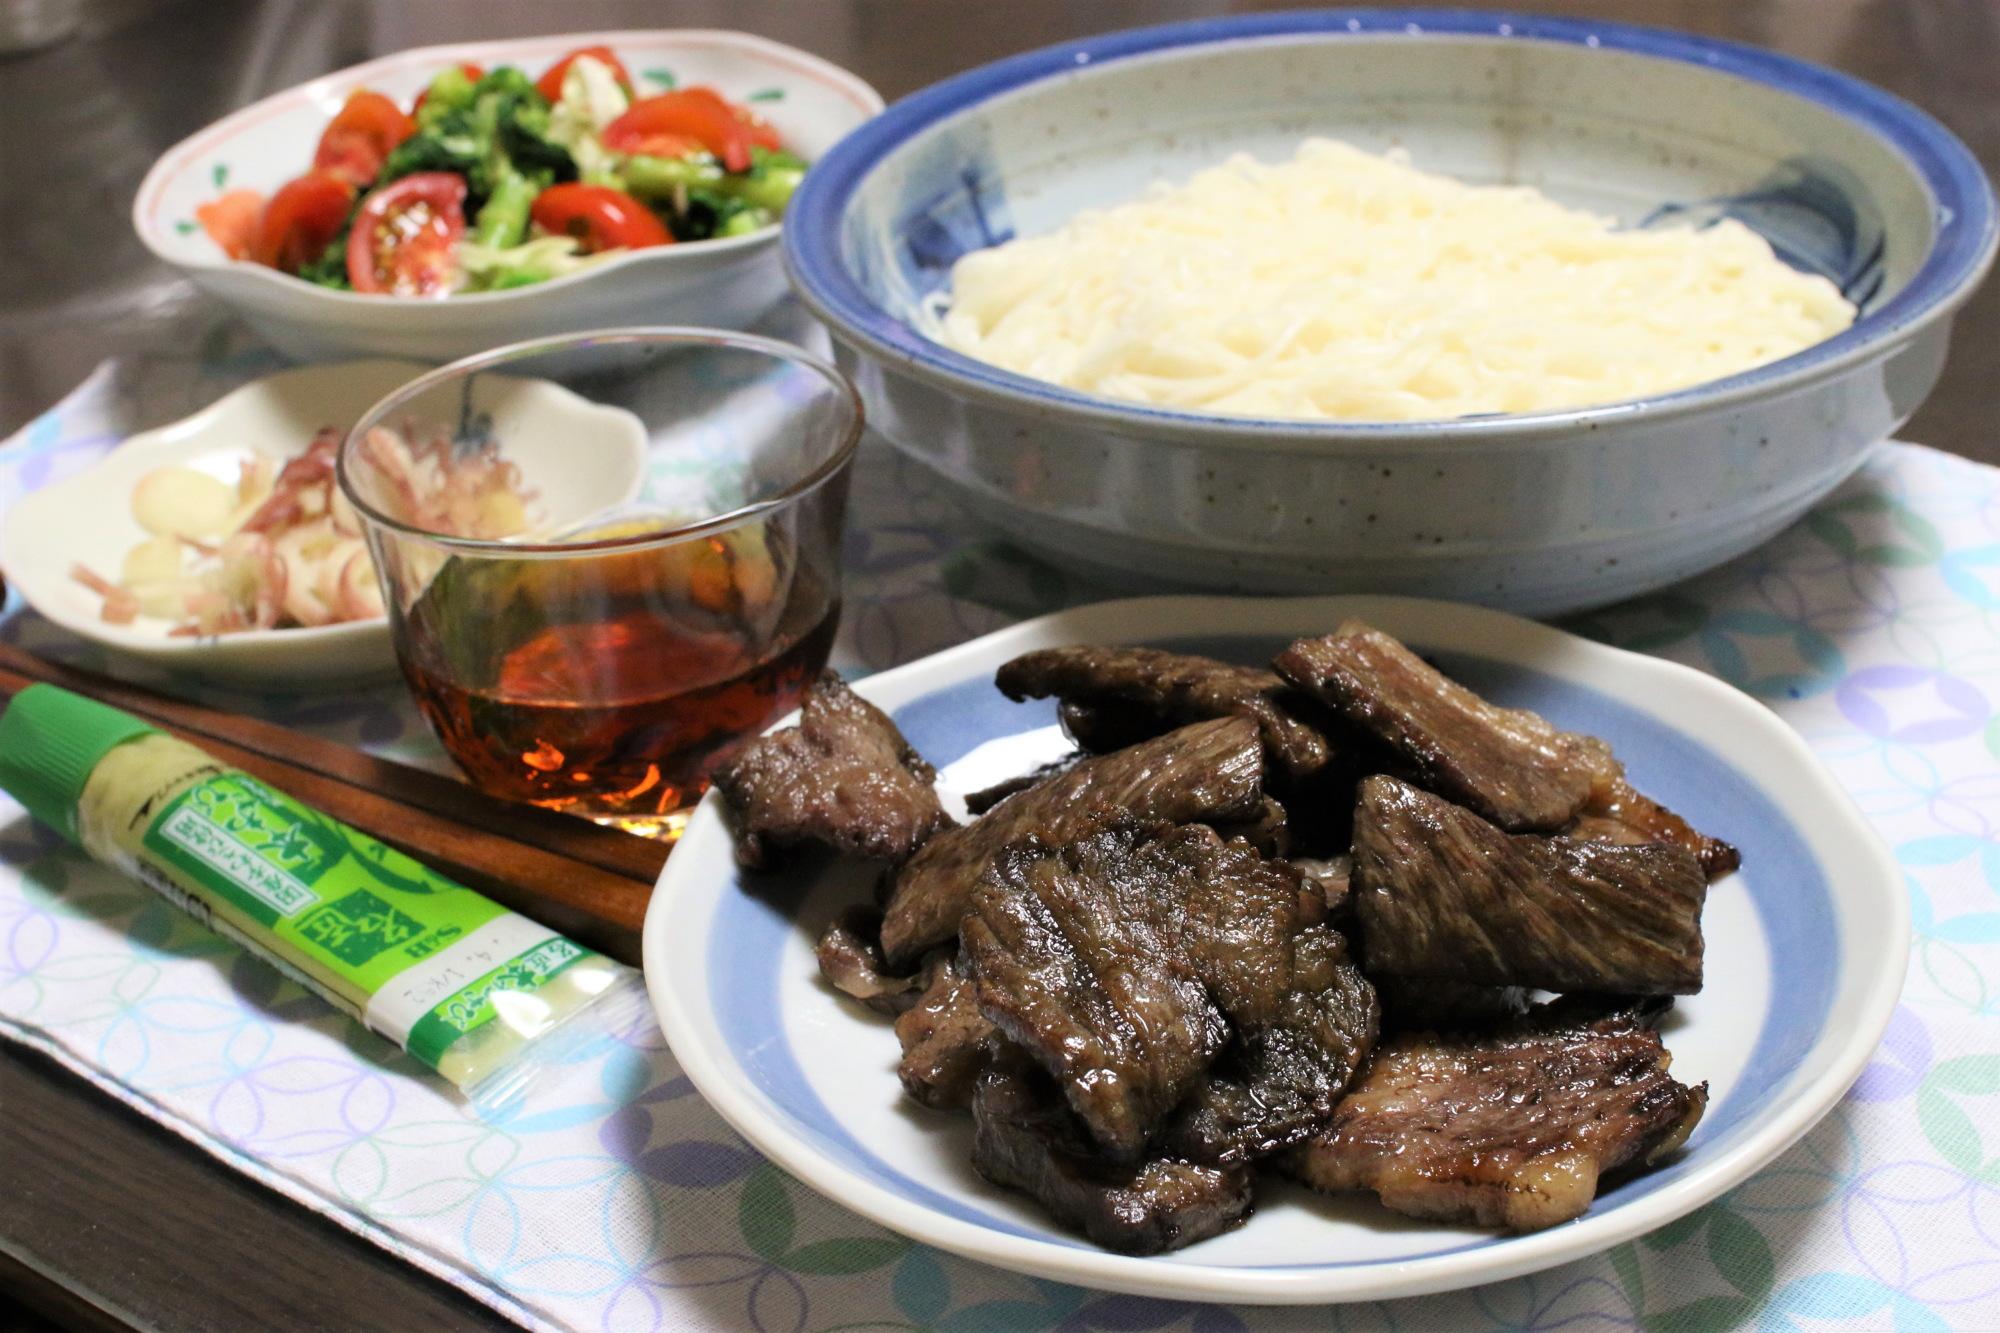 おばあがつくった焼肉とそうめんという謎の組み合わせの夕飯メニュー